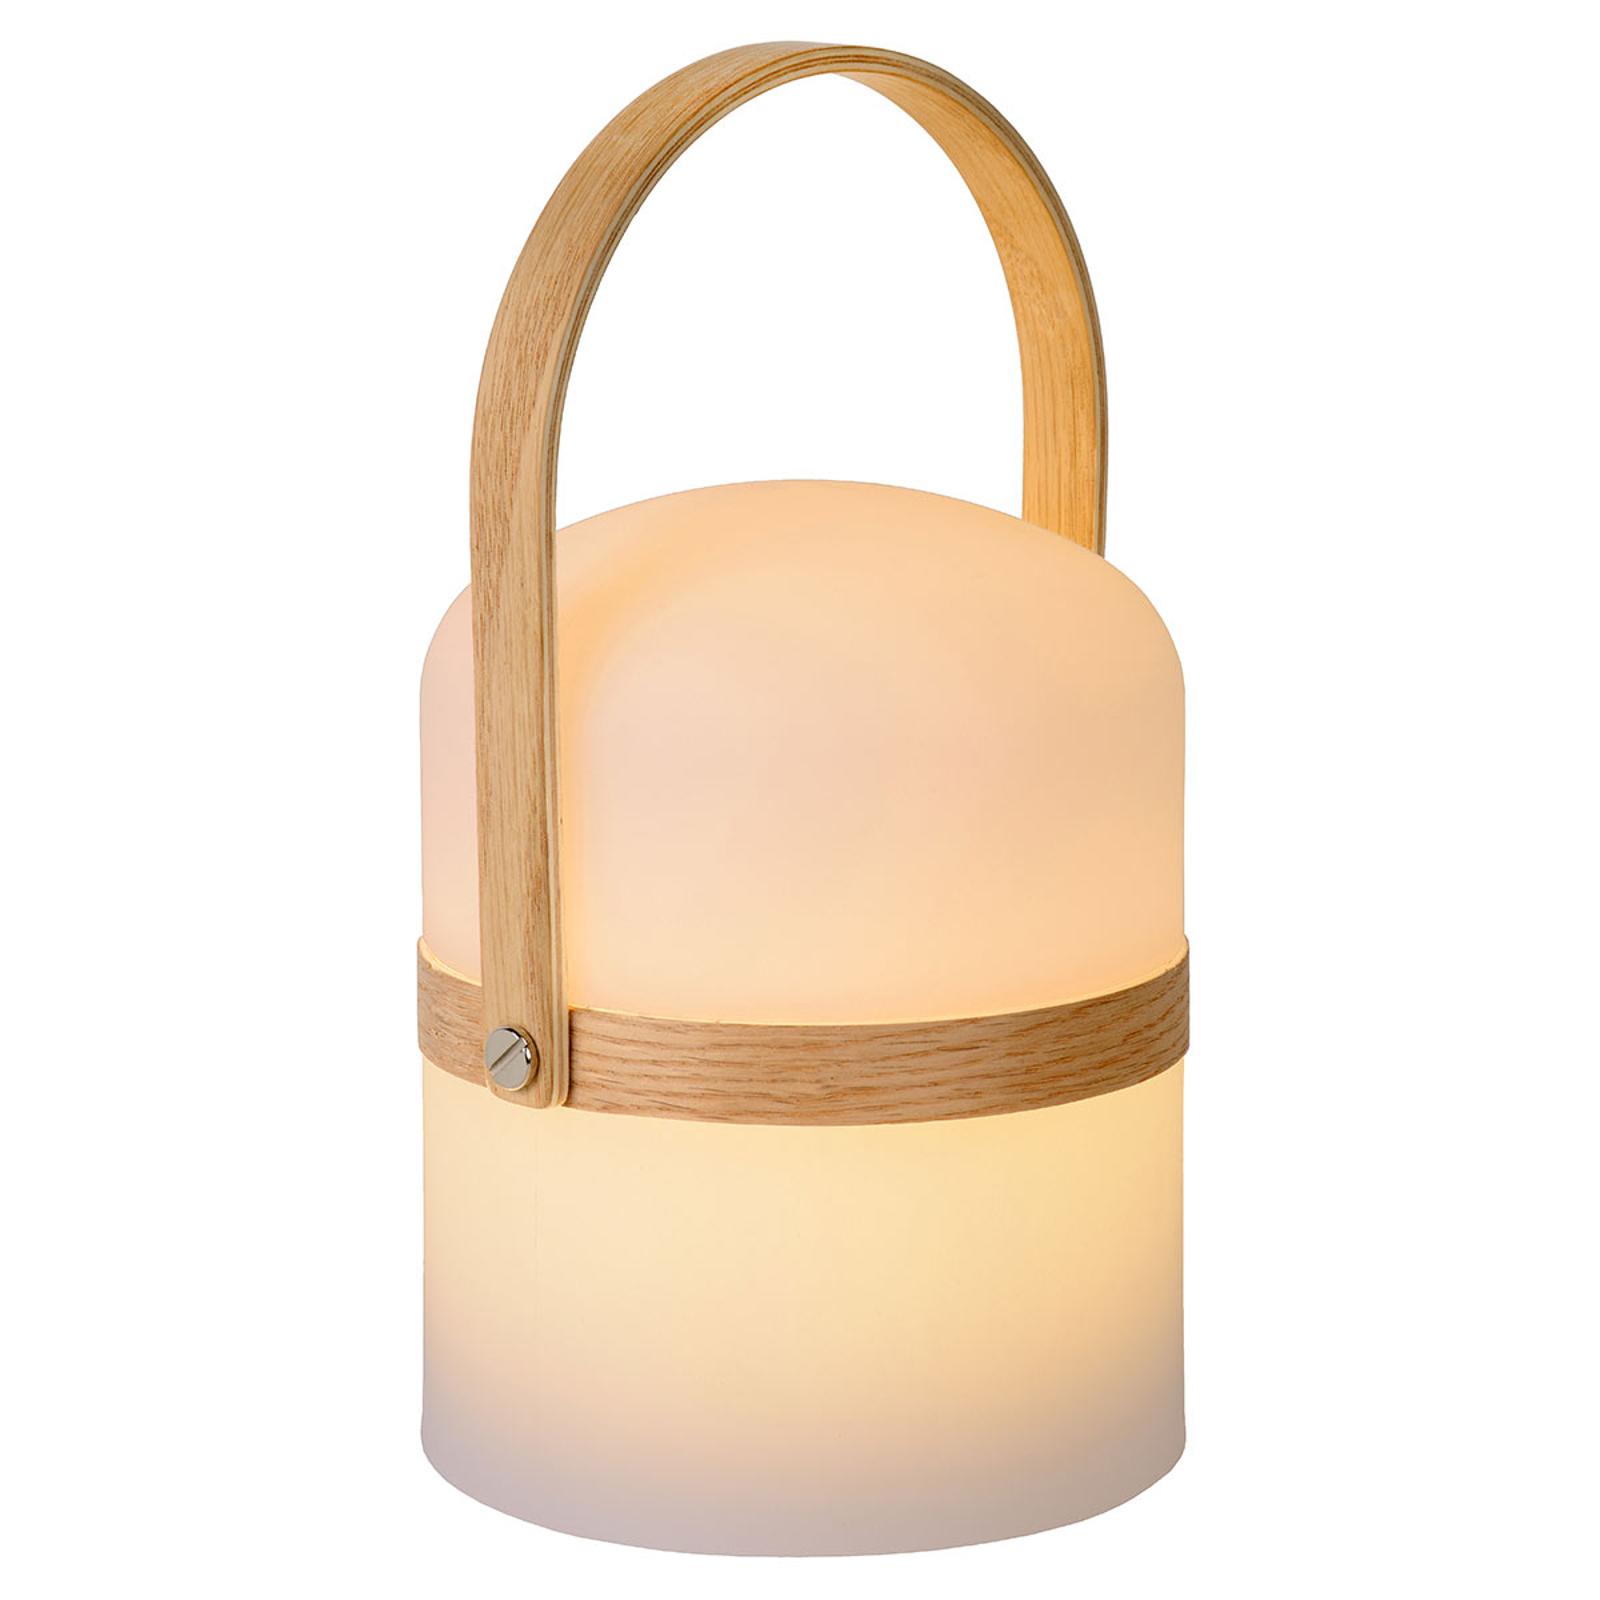 Tragbare LED-Tischleuchte Joe für innen und außen